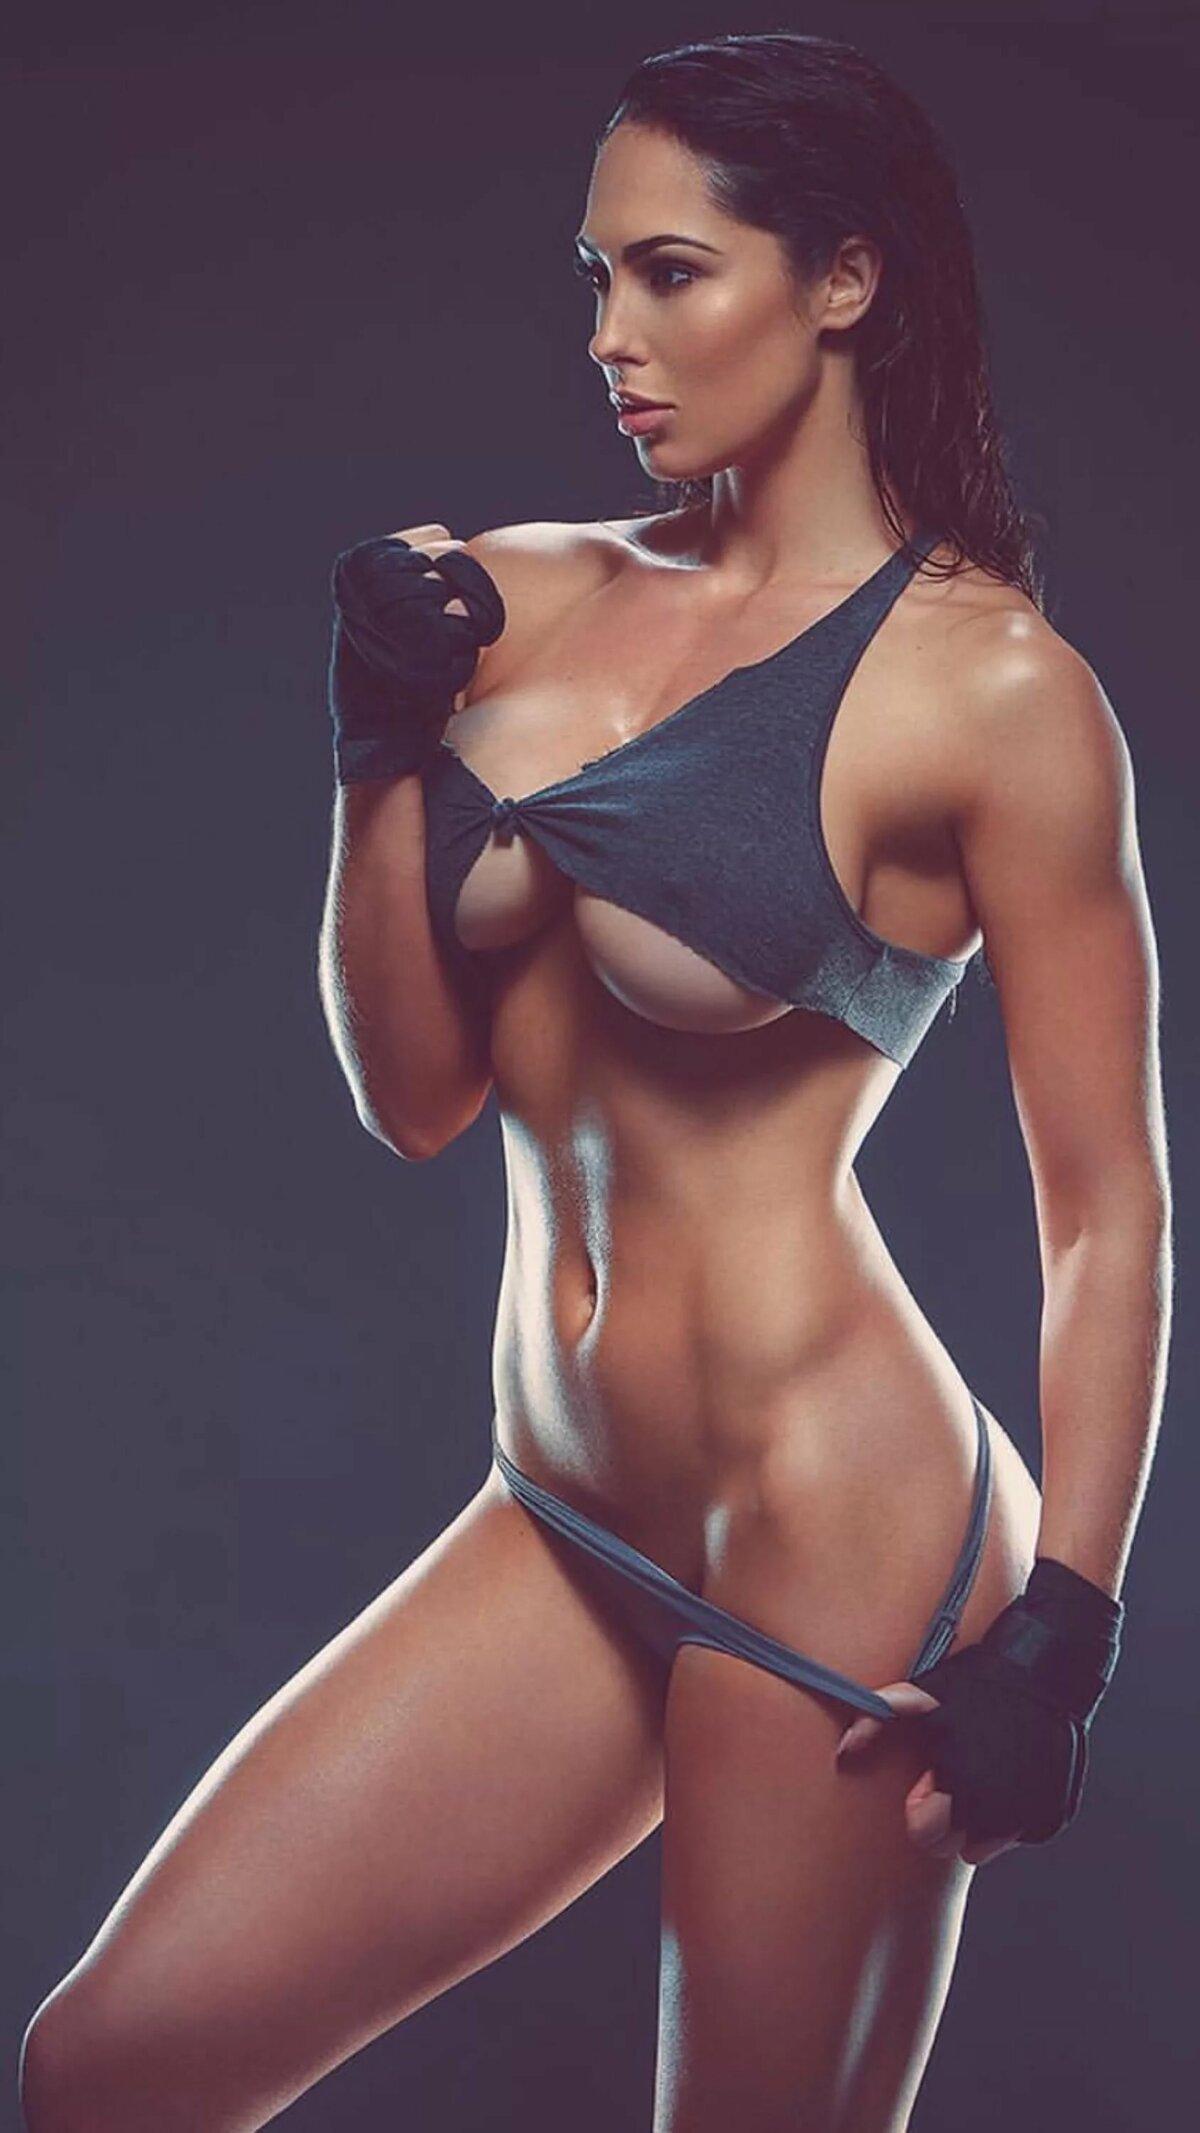 Nude Fit Brunette